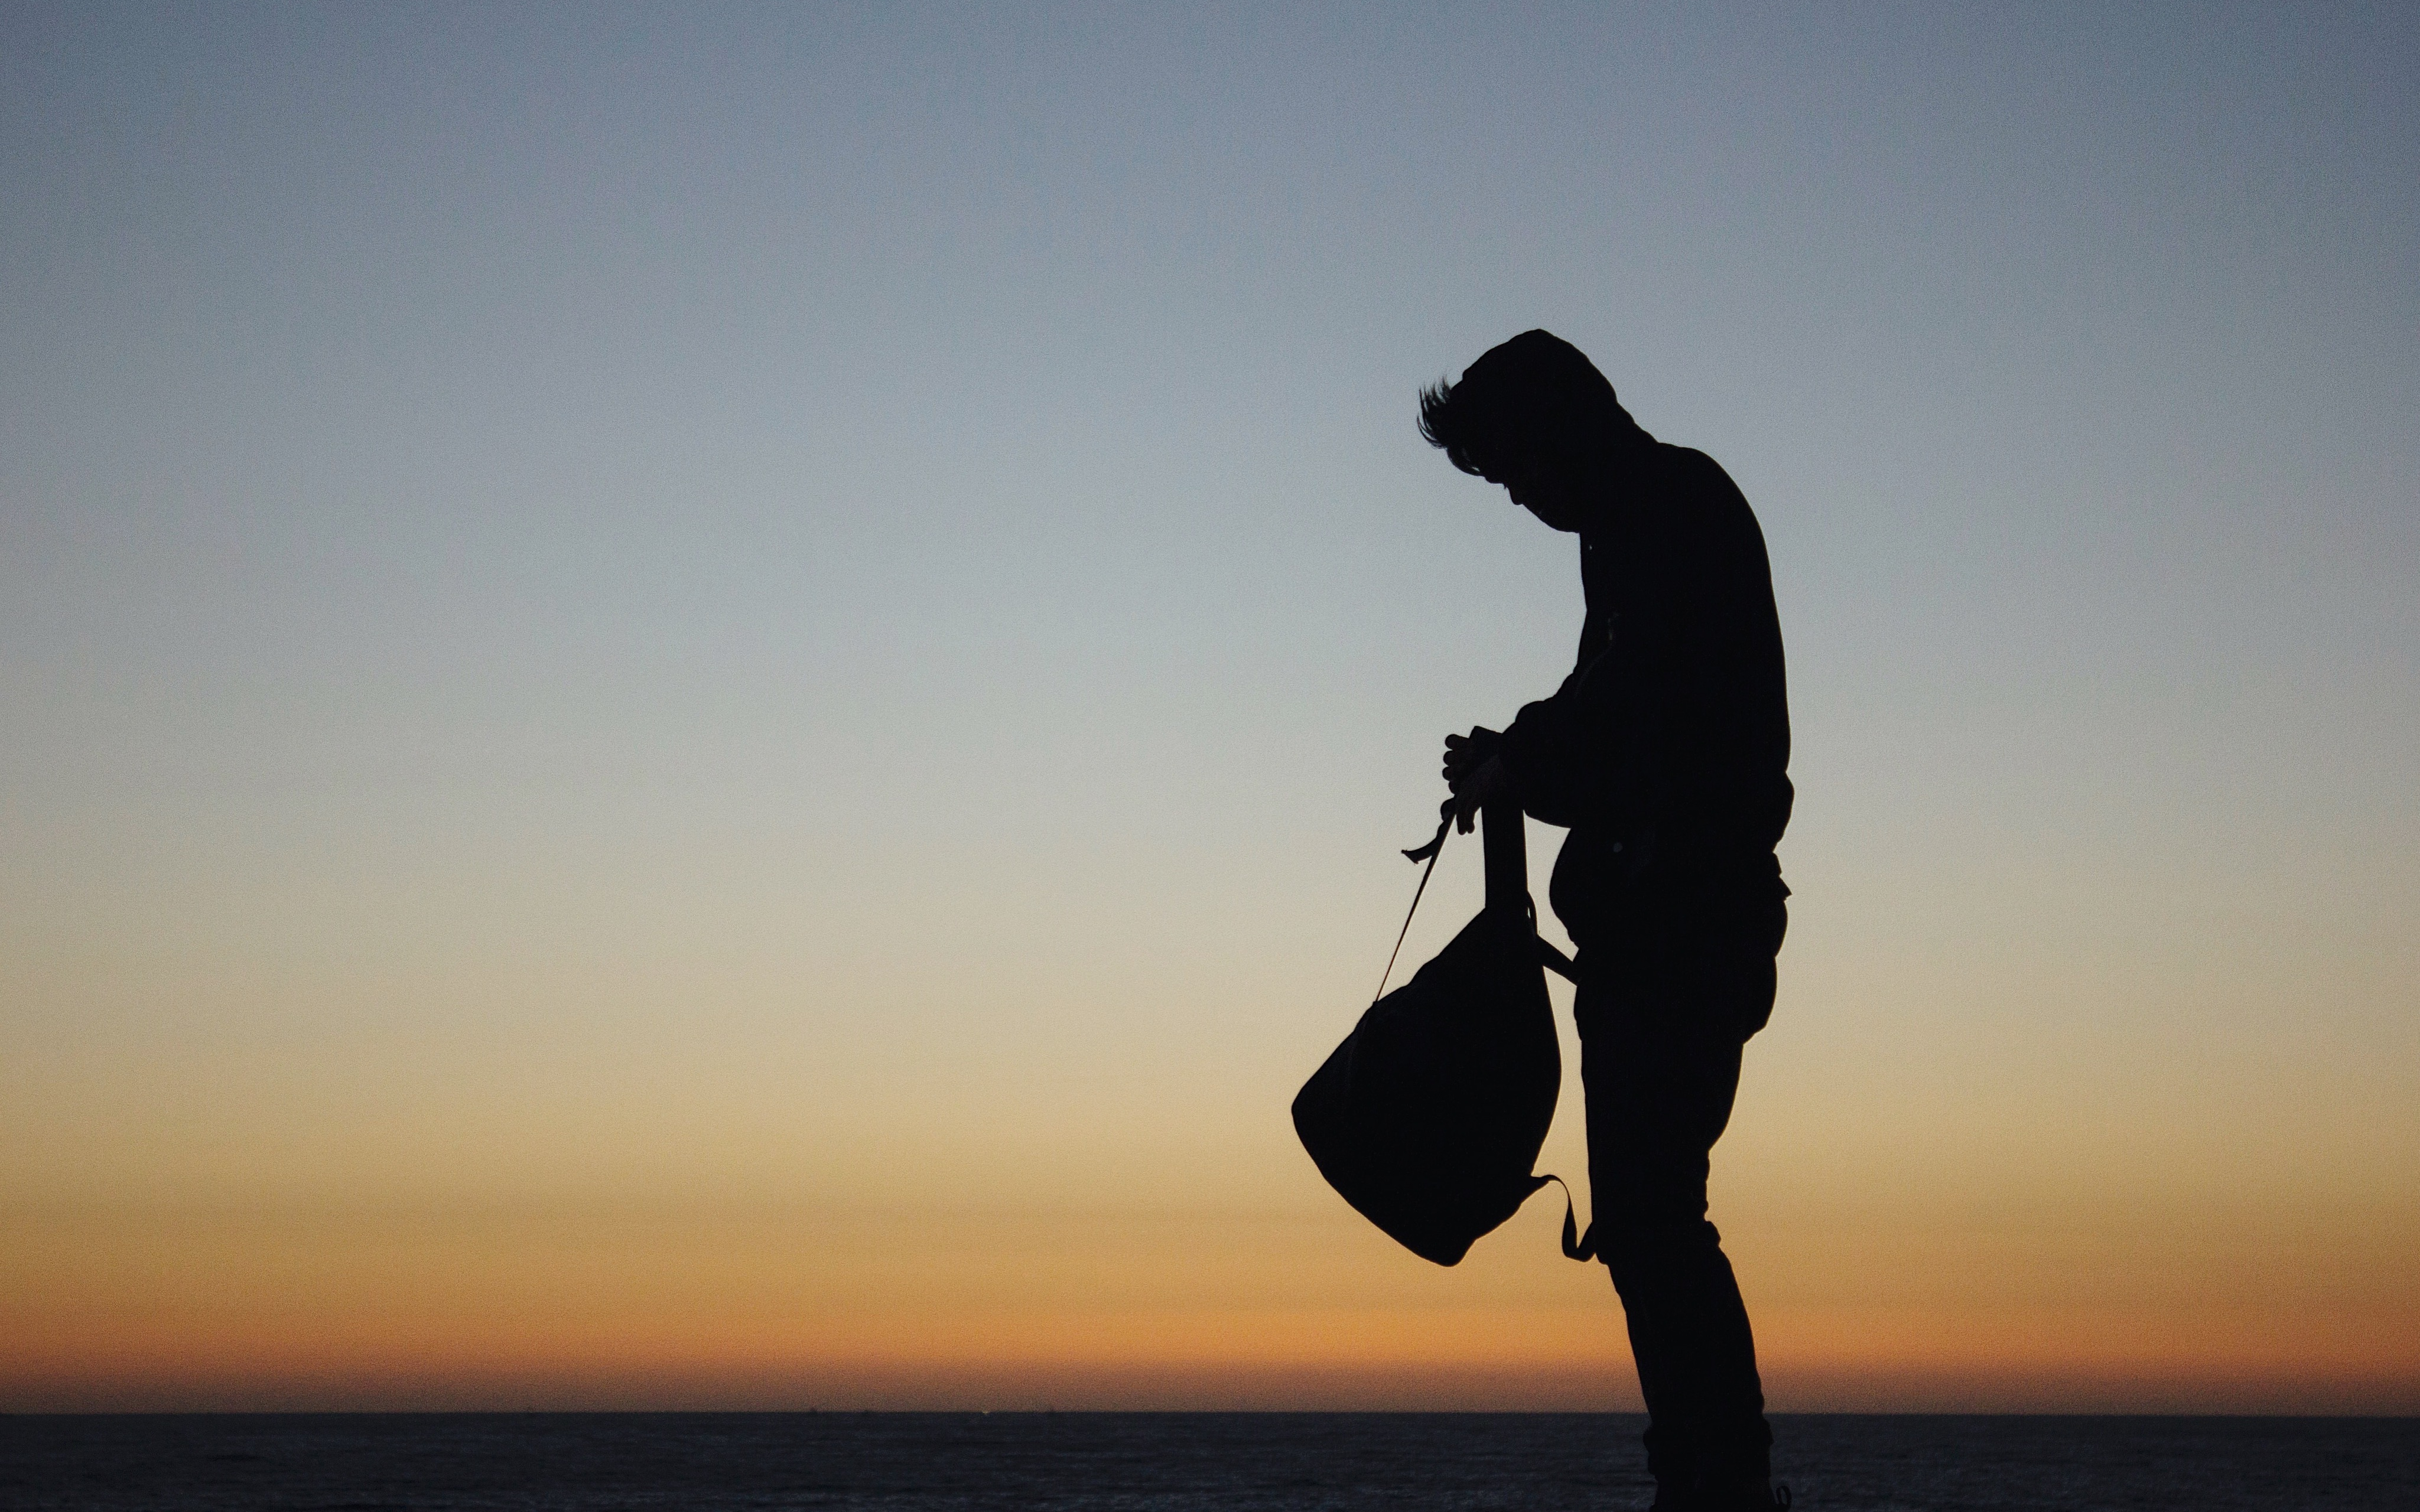 Cómo viajar de mochilero y vivir para contarlo